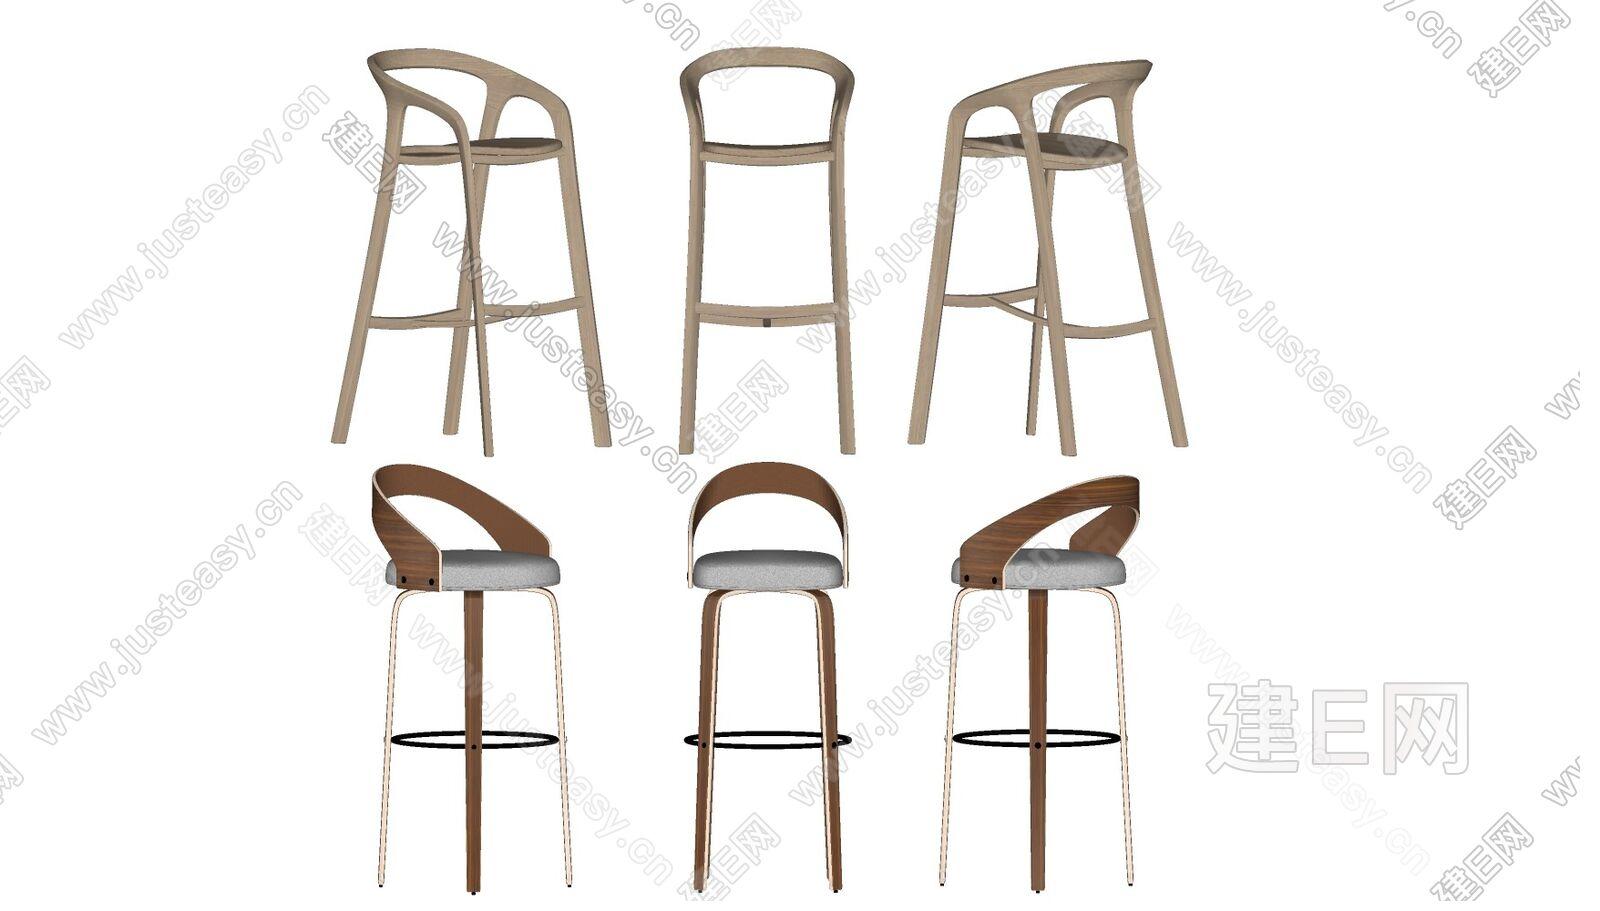 北欧吧椅组合sketchup模型